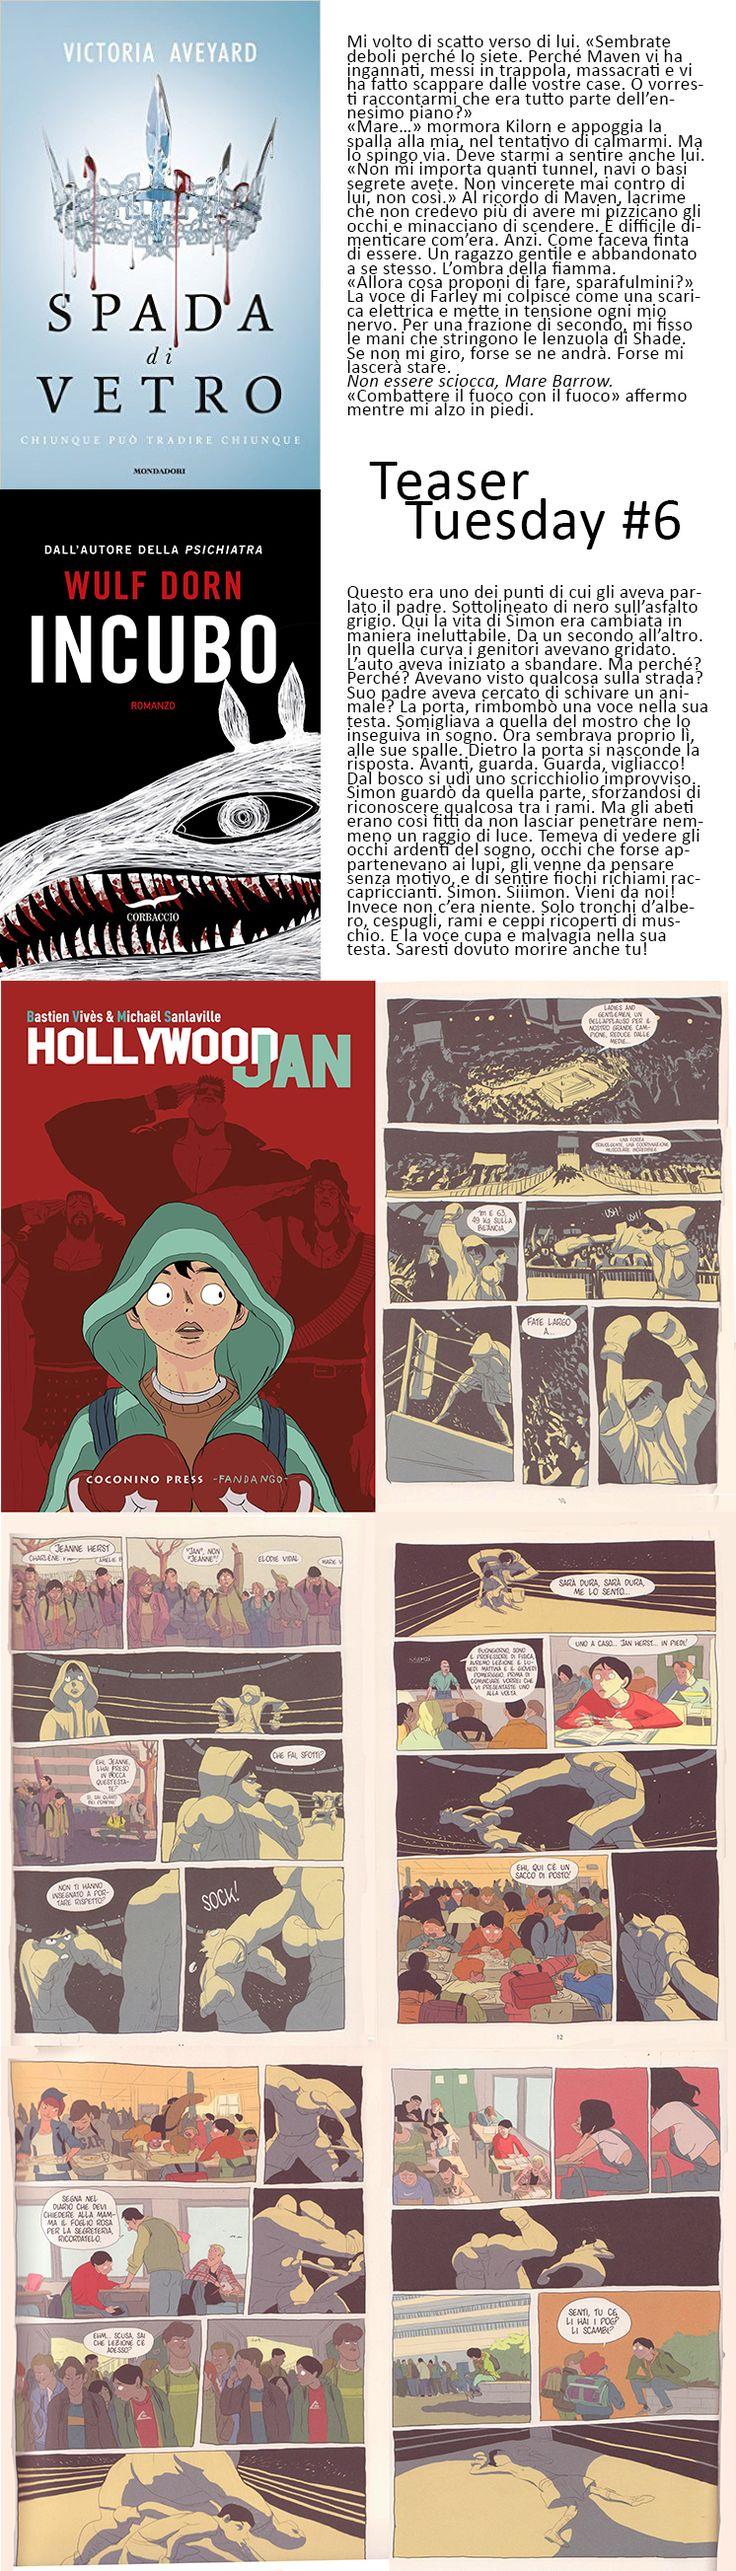 Teaser Tuesday # 6 (13dic2016) Seguici su: https://cantidellebalene.wordpress.com/2016/12/13/teaser-tuesday-6/ #teasertuesday #estratto #citazioni #reginarossa #spadadivetro #victoriaaveyard #incubo #wulfdorn #fumetti #libri #libriconsigliati #lettureconsigliate #comic #holliwoodjan #bastienvives #michaelsanlaville